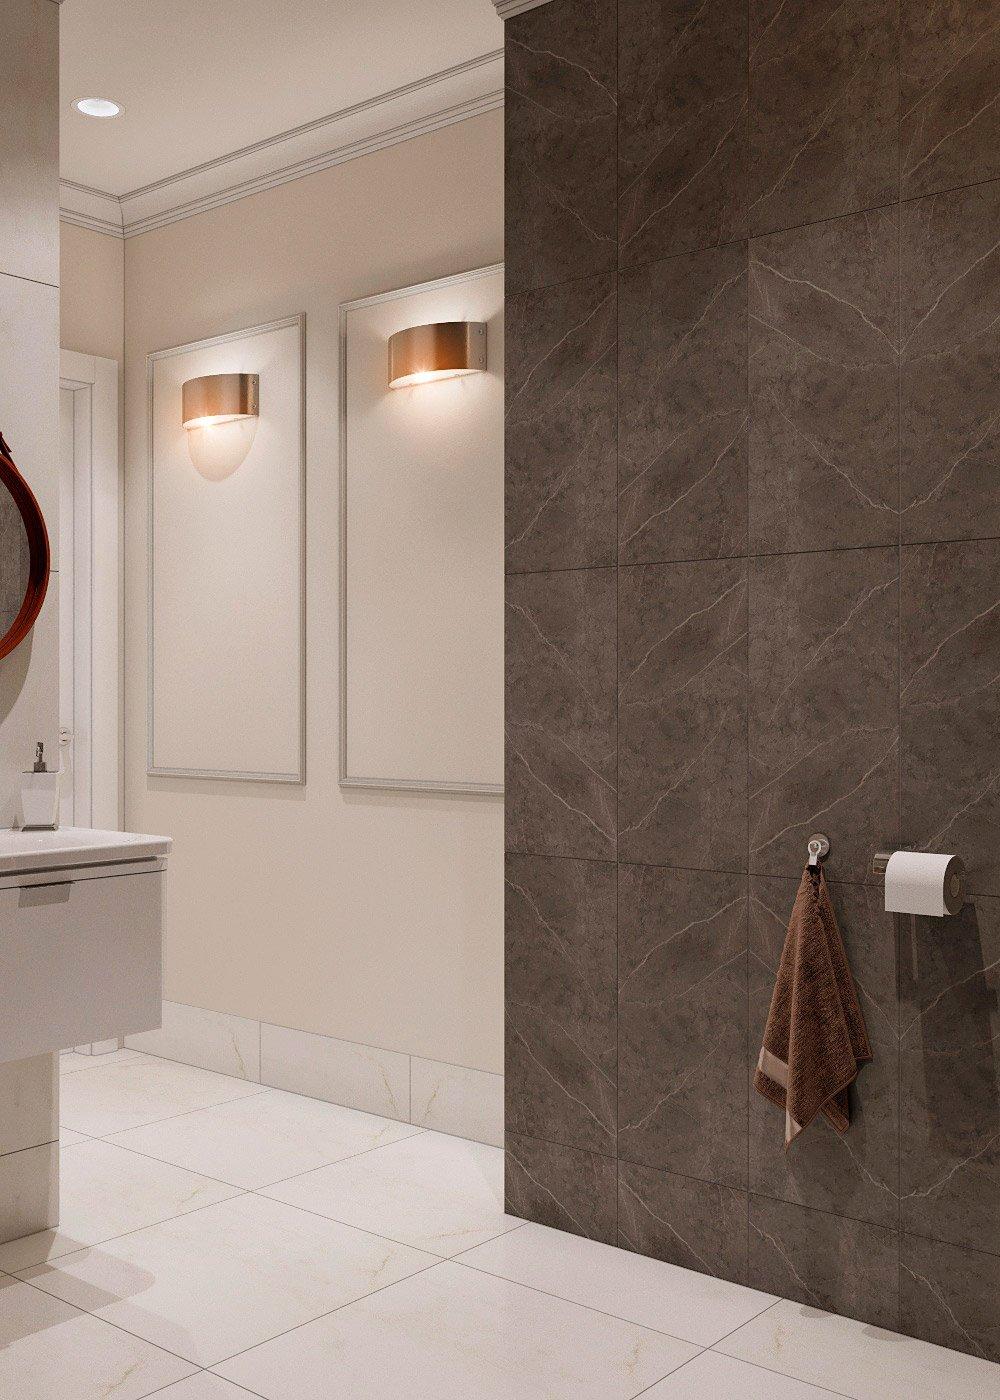 Сочетание коричневой и белой плитки в туалете